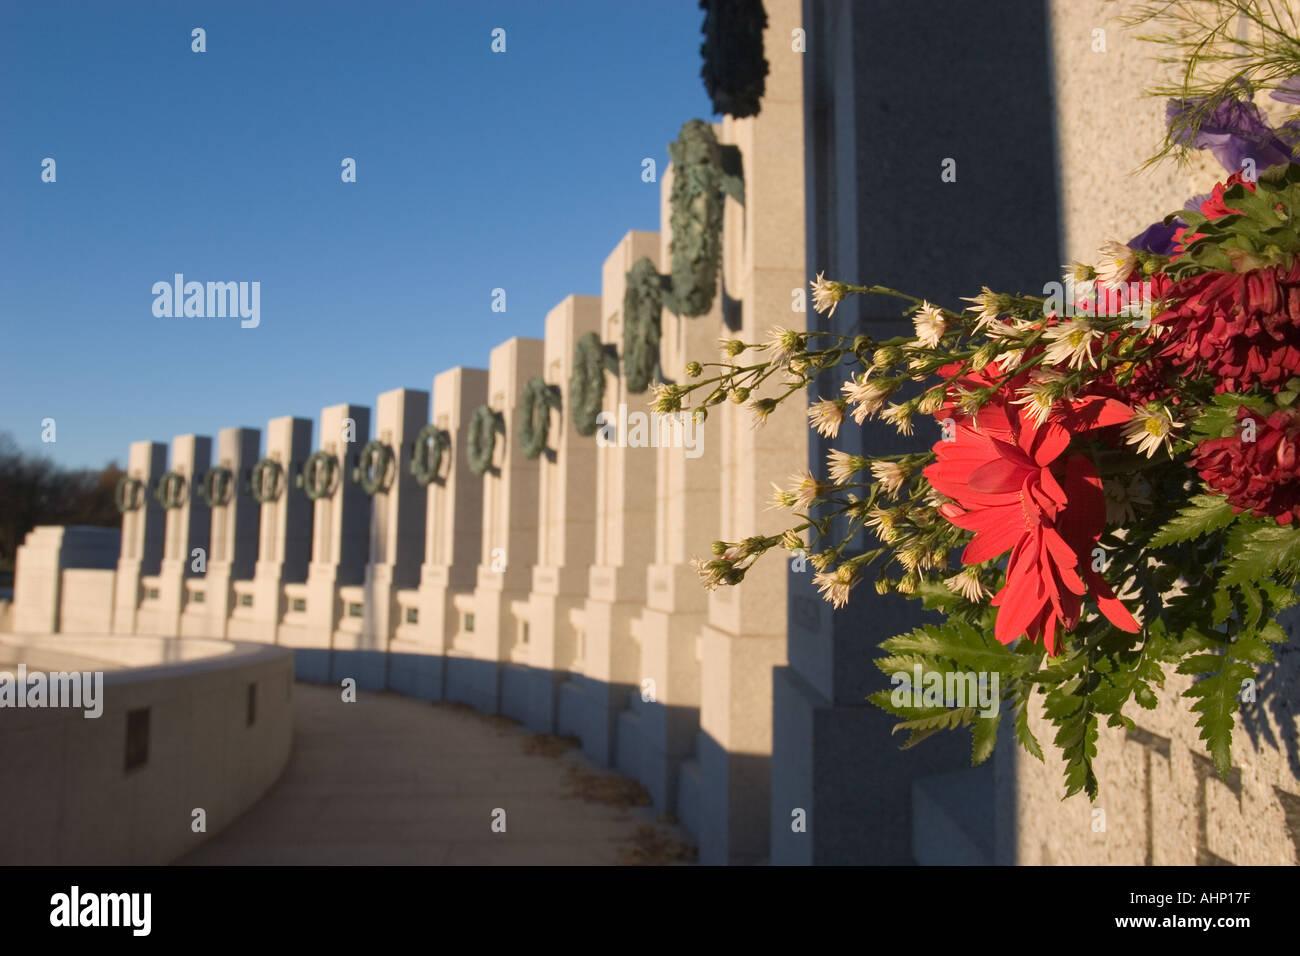 Monument commémoratif de la Seconde Guerre mondiale à Washington Banque D'Images